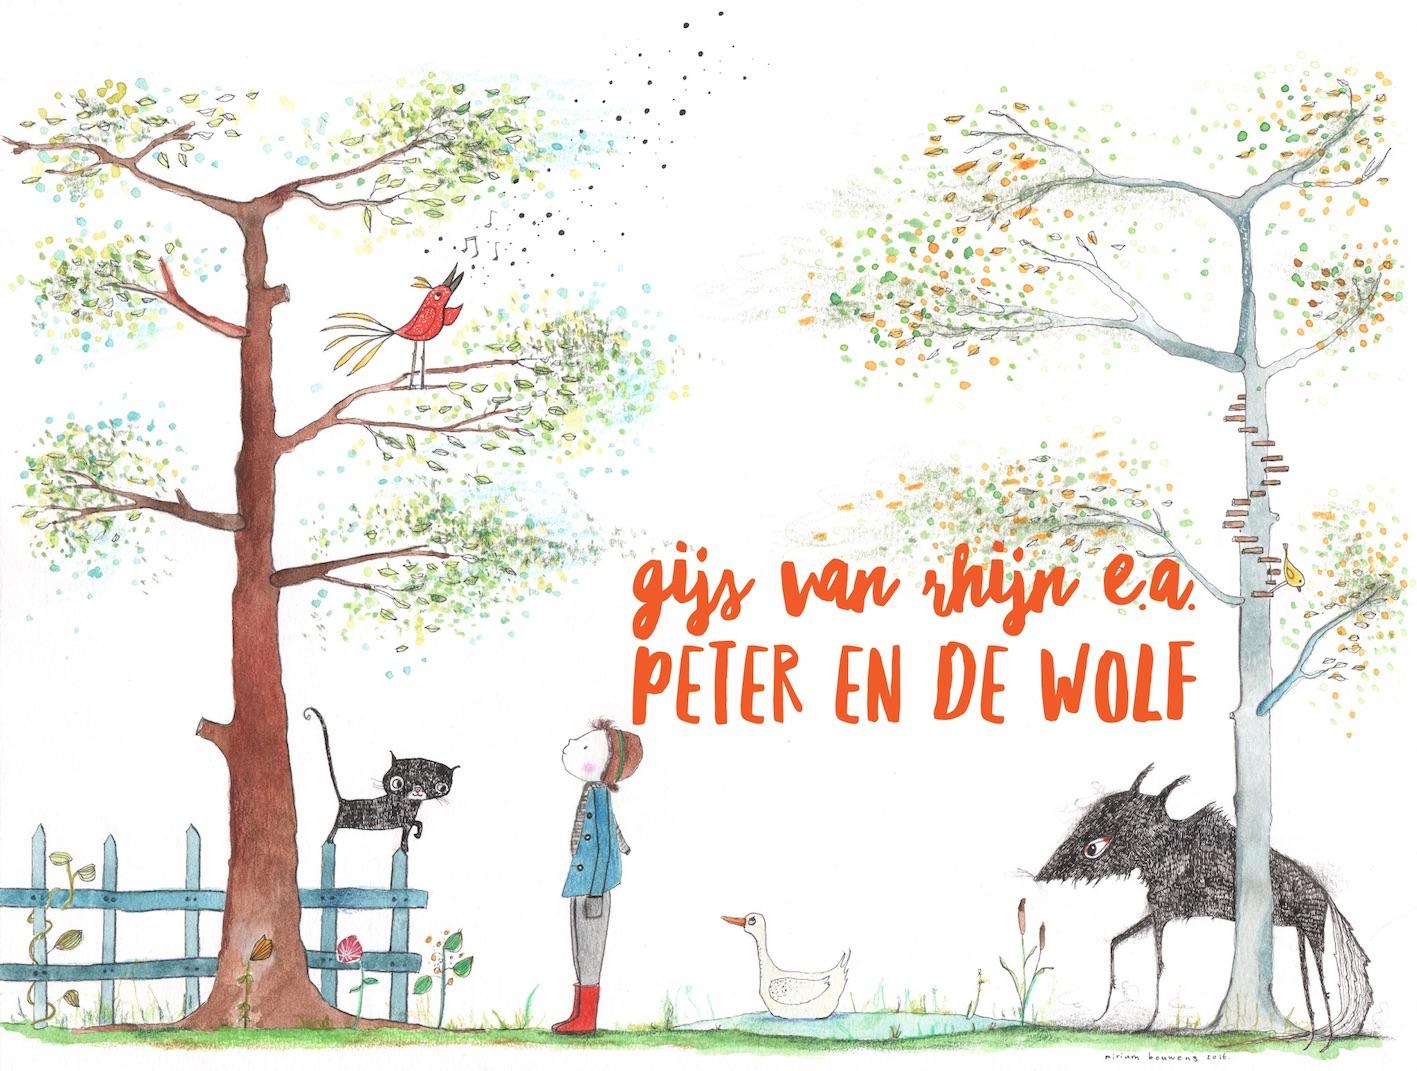 Gijs van Rhijn e.a. – Peter en de wolf